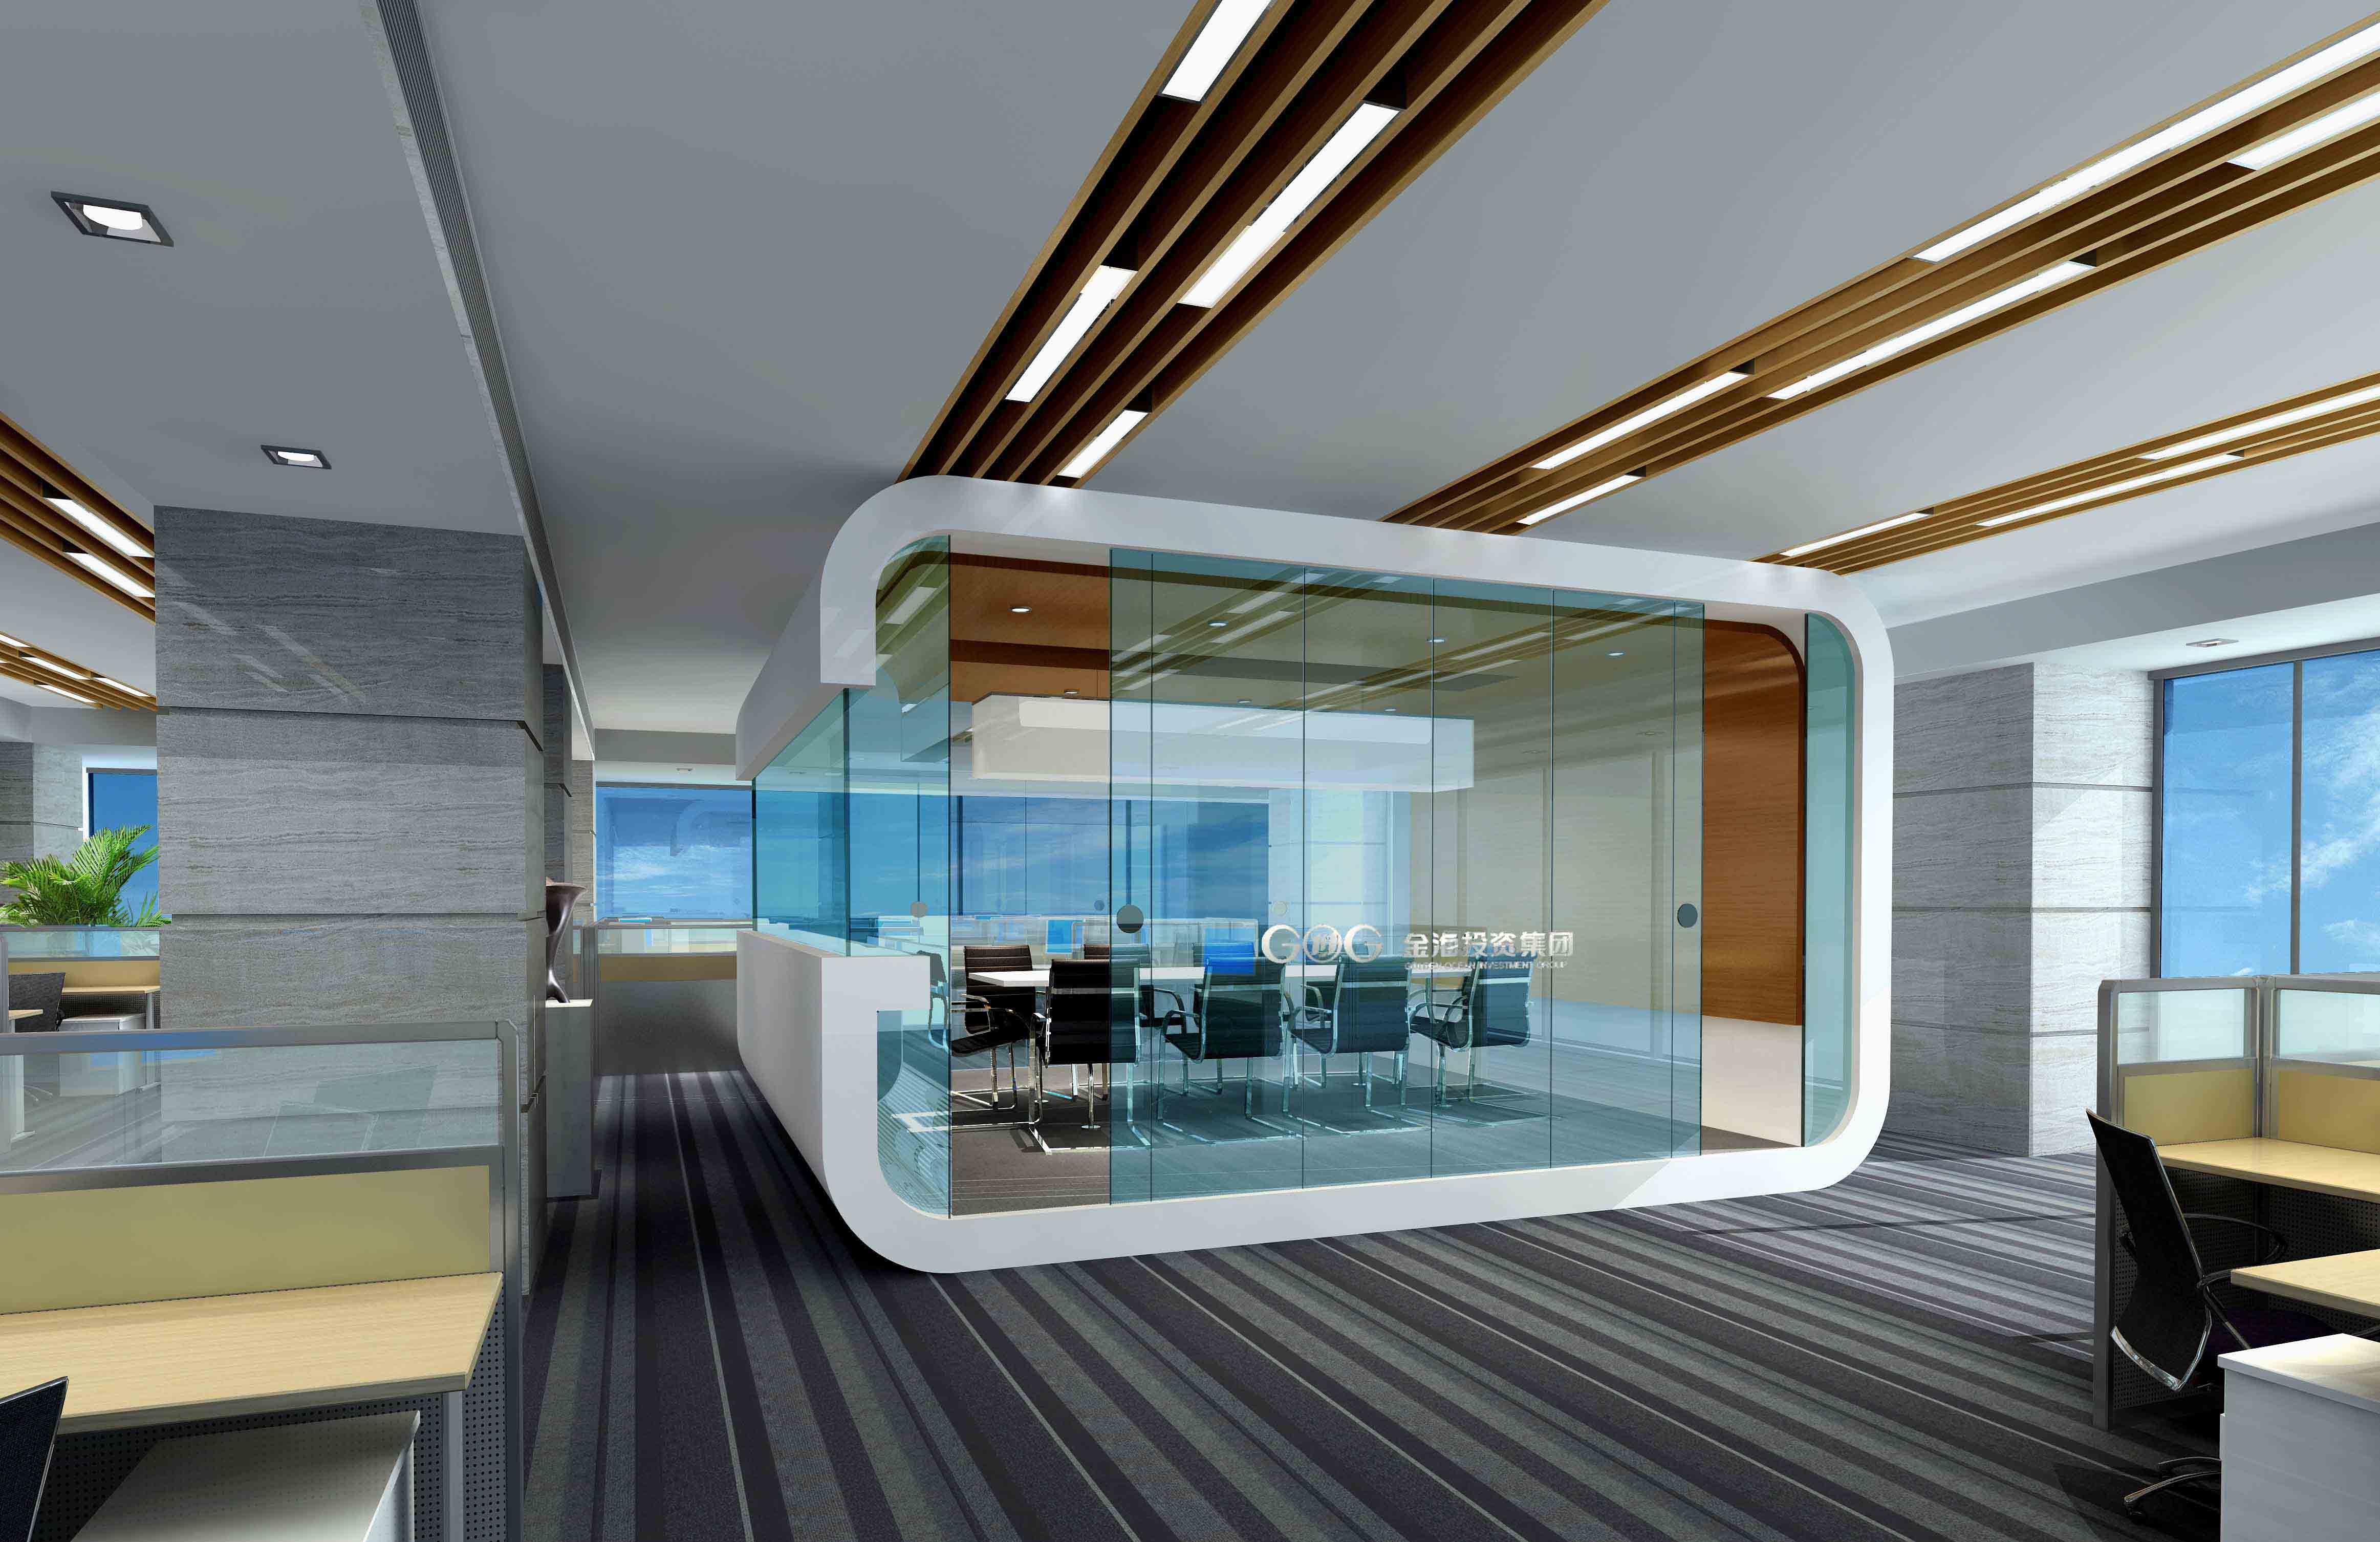 【办公室会议室图片】了解办公室会议室风水